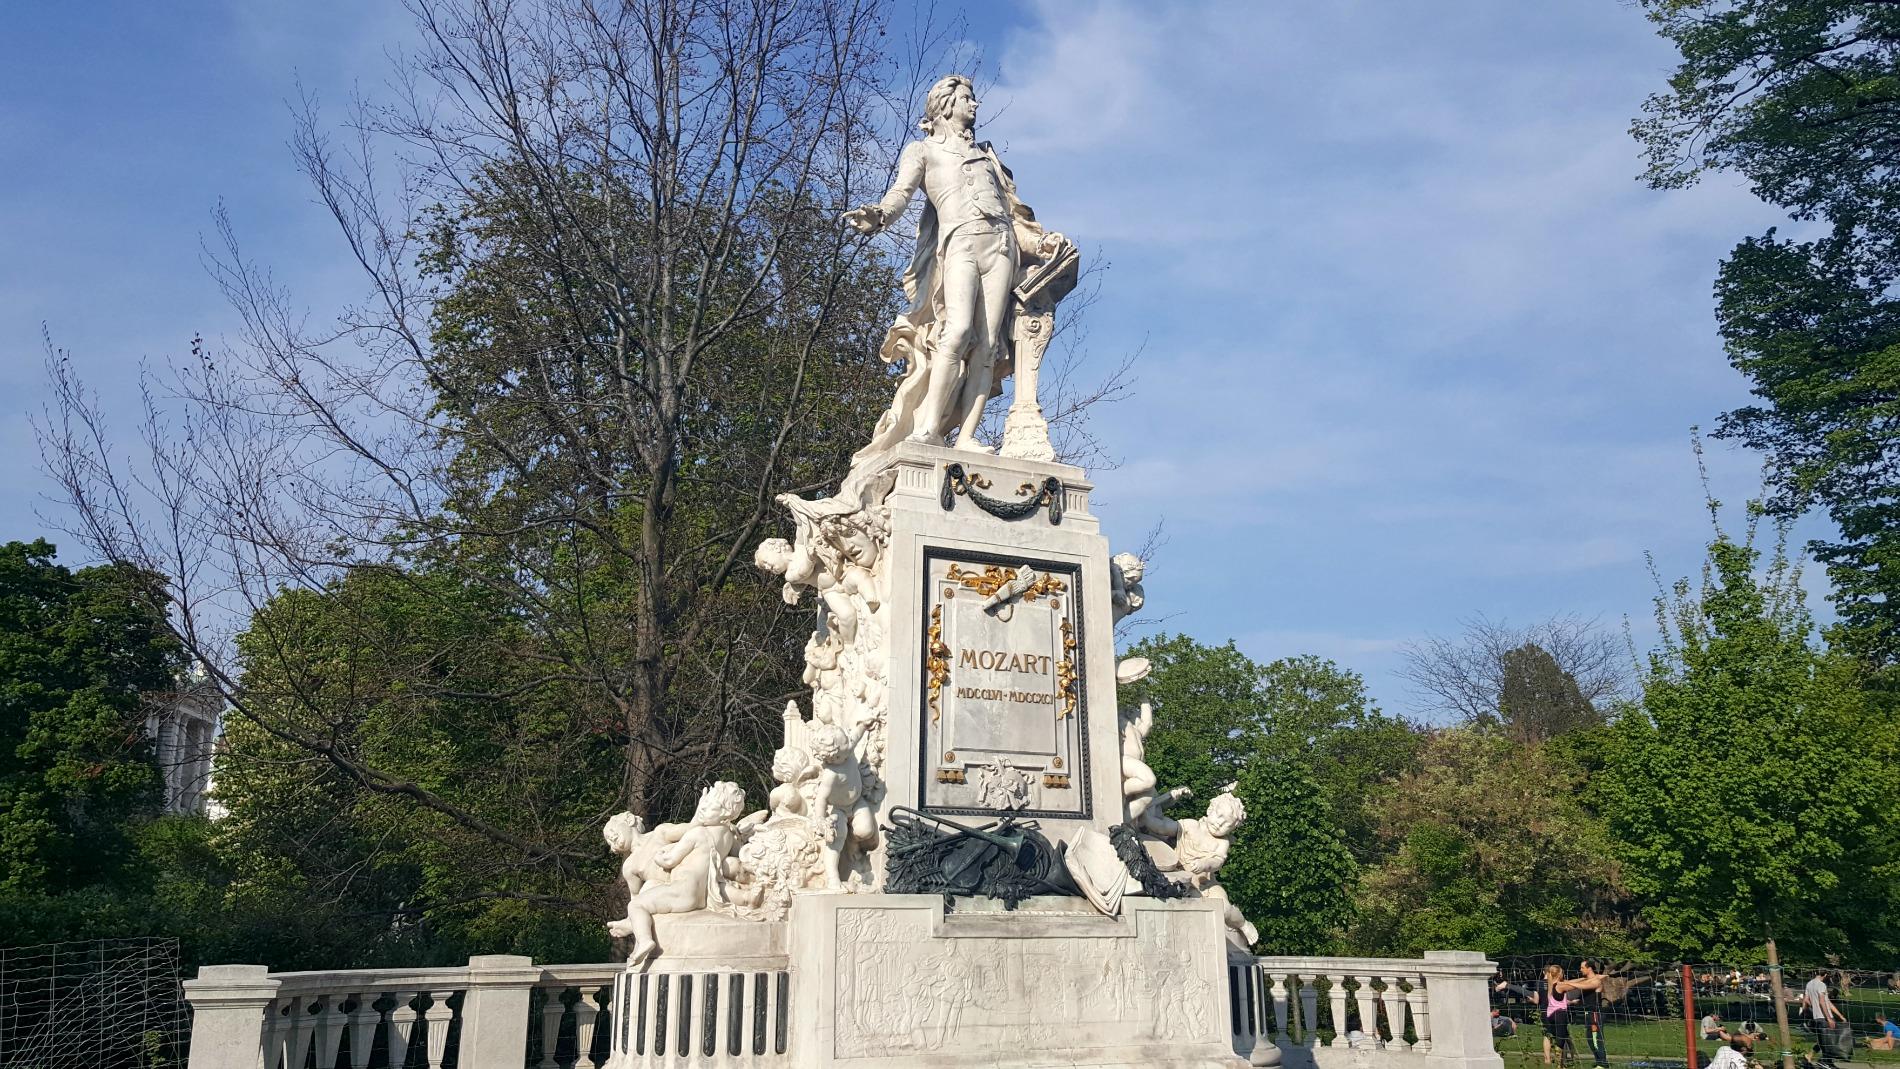 Burrgarten Park Mozart Statue Vienna